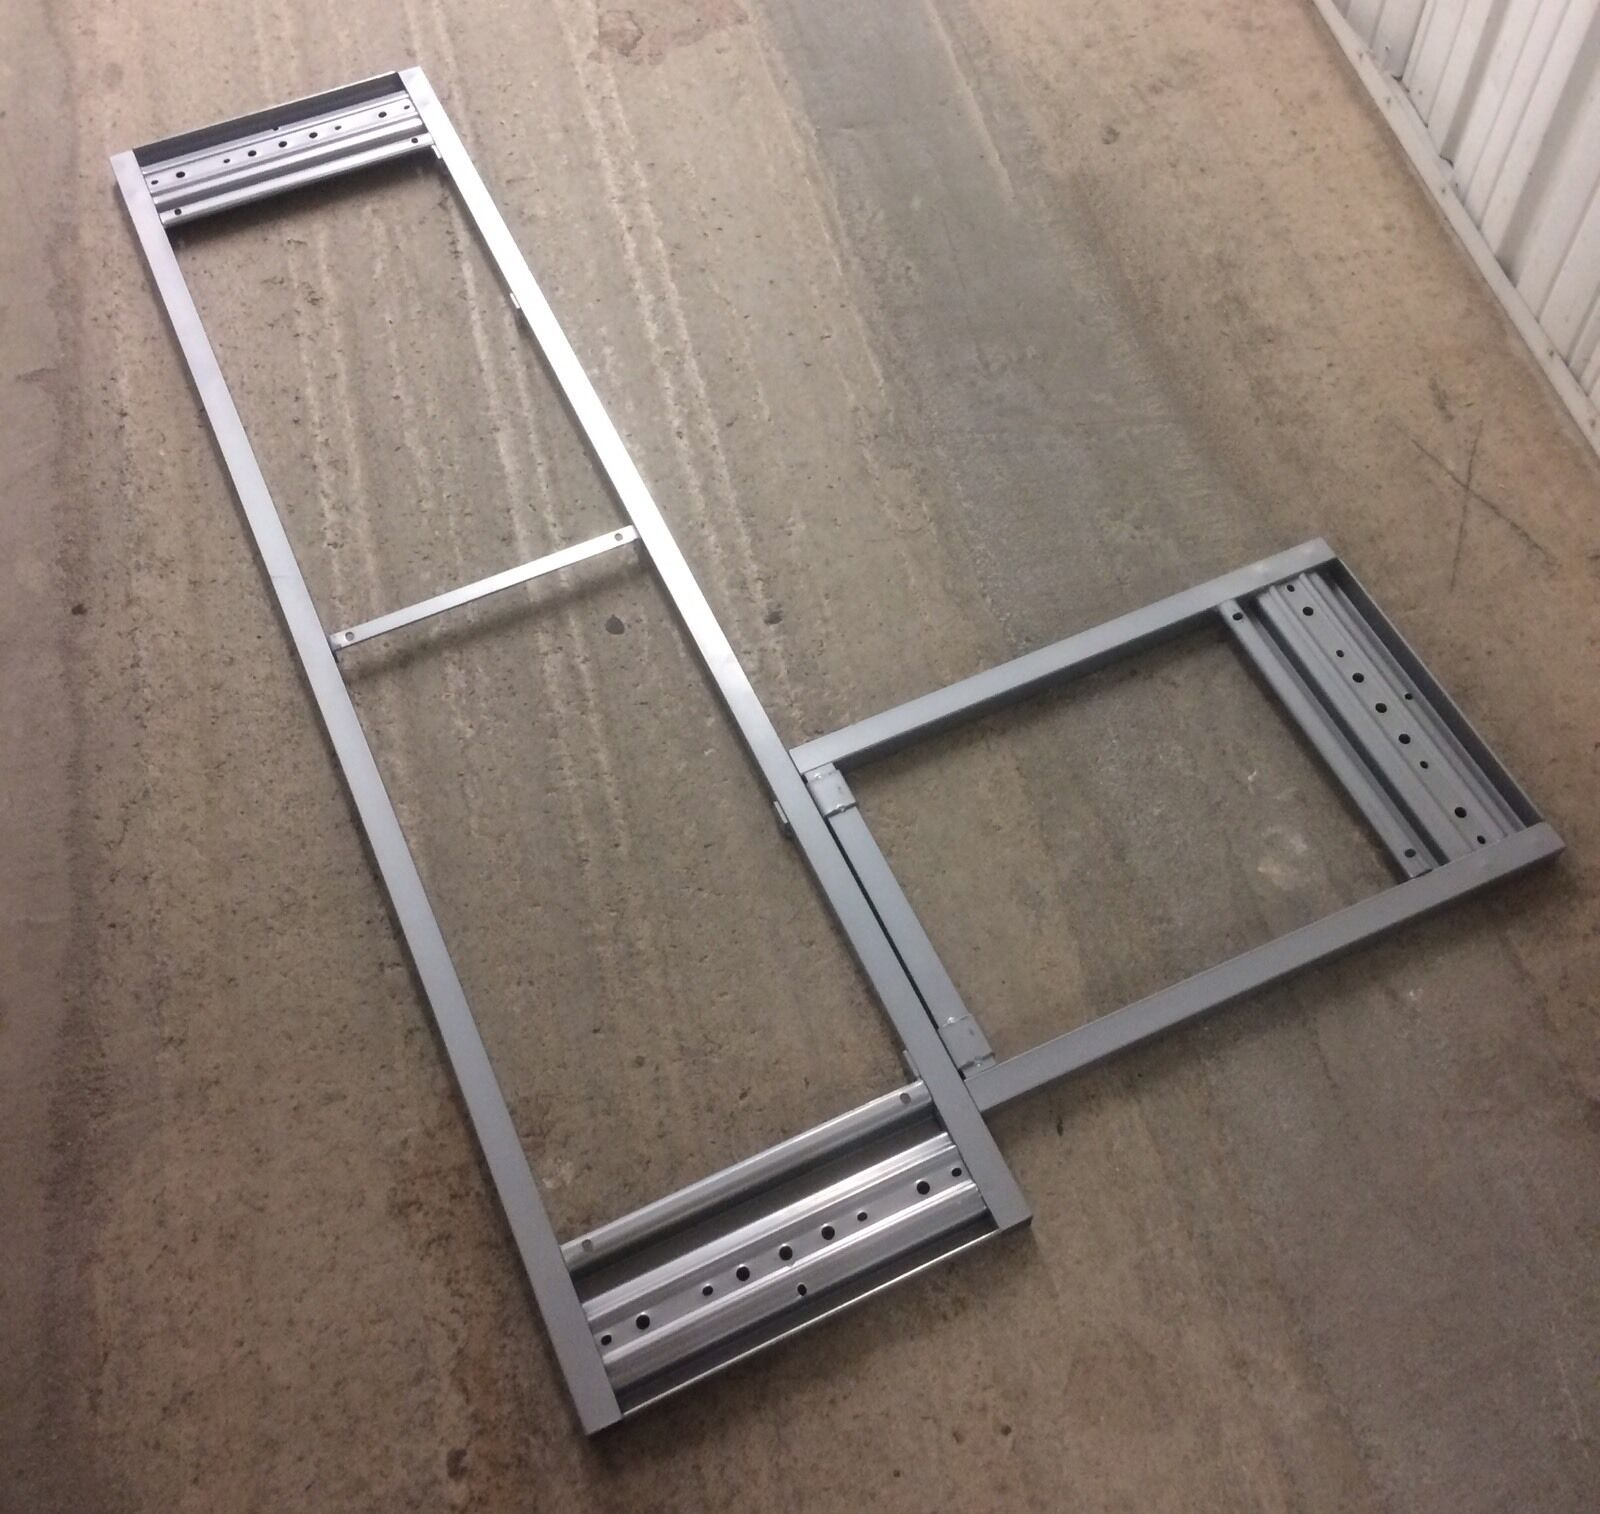 Ikea Galant Desk Frame Silver Color 200 805 57 For Sale Online Ebay